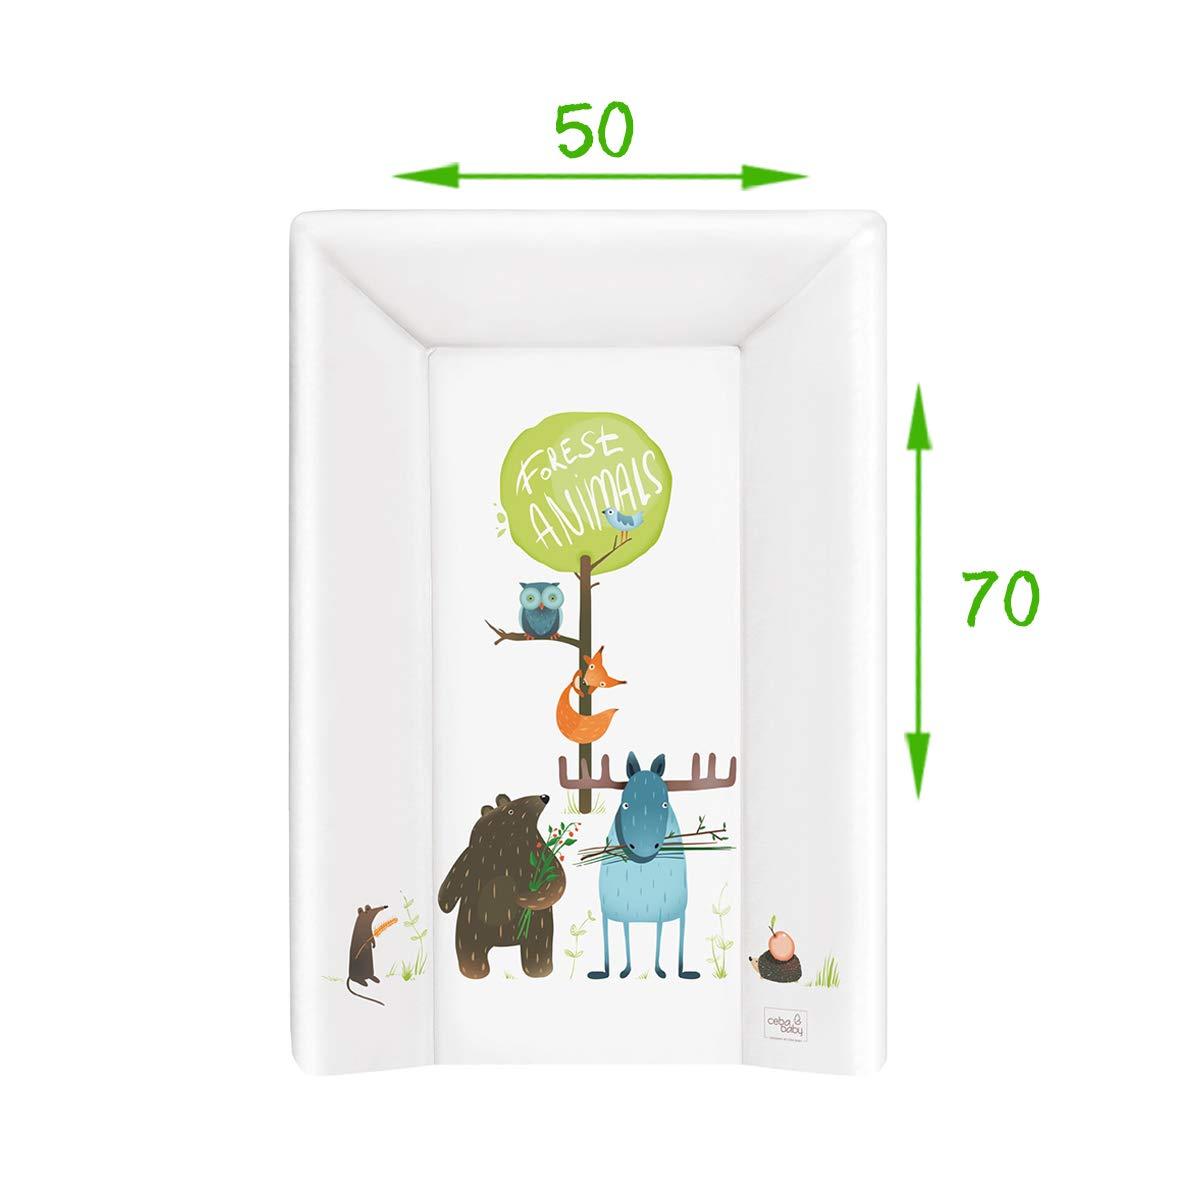 Wickelauflage Wickelunterlage Wickeltischauflage 2 Keil 70x50 cm Abwaschbar f/ür M/ädchen und Junge Animals 70x50